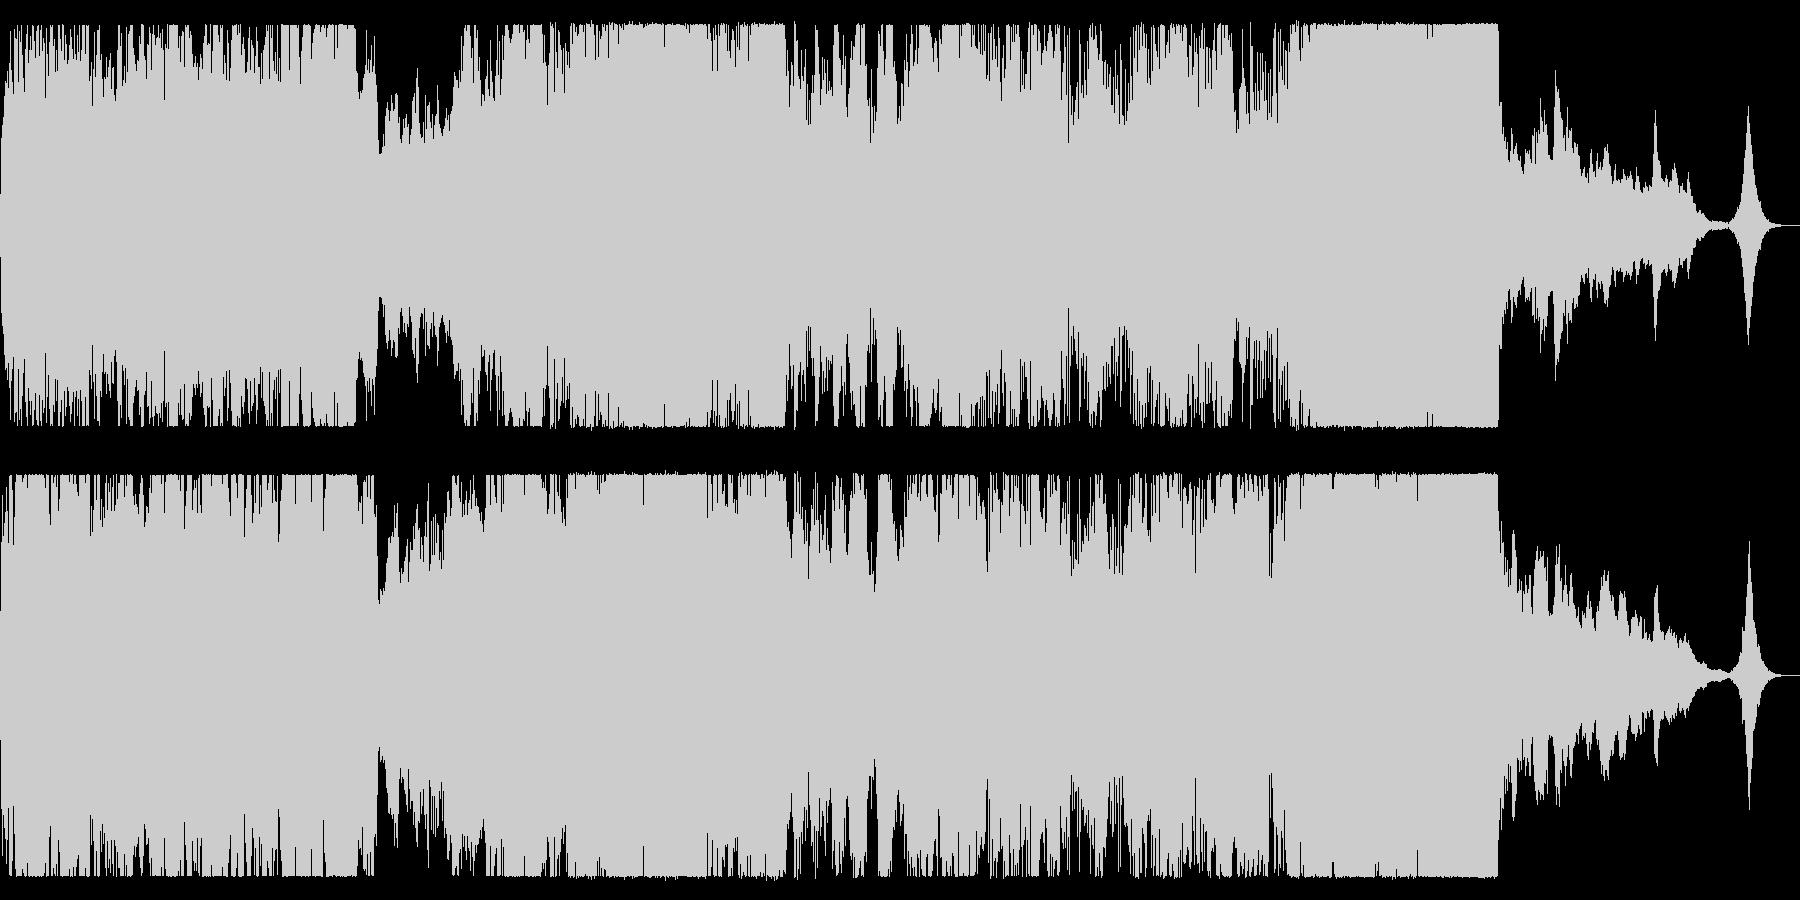 ダークファンタジー、SF向けオーケストラの未再生の波形